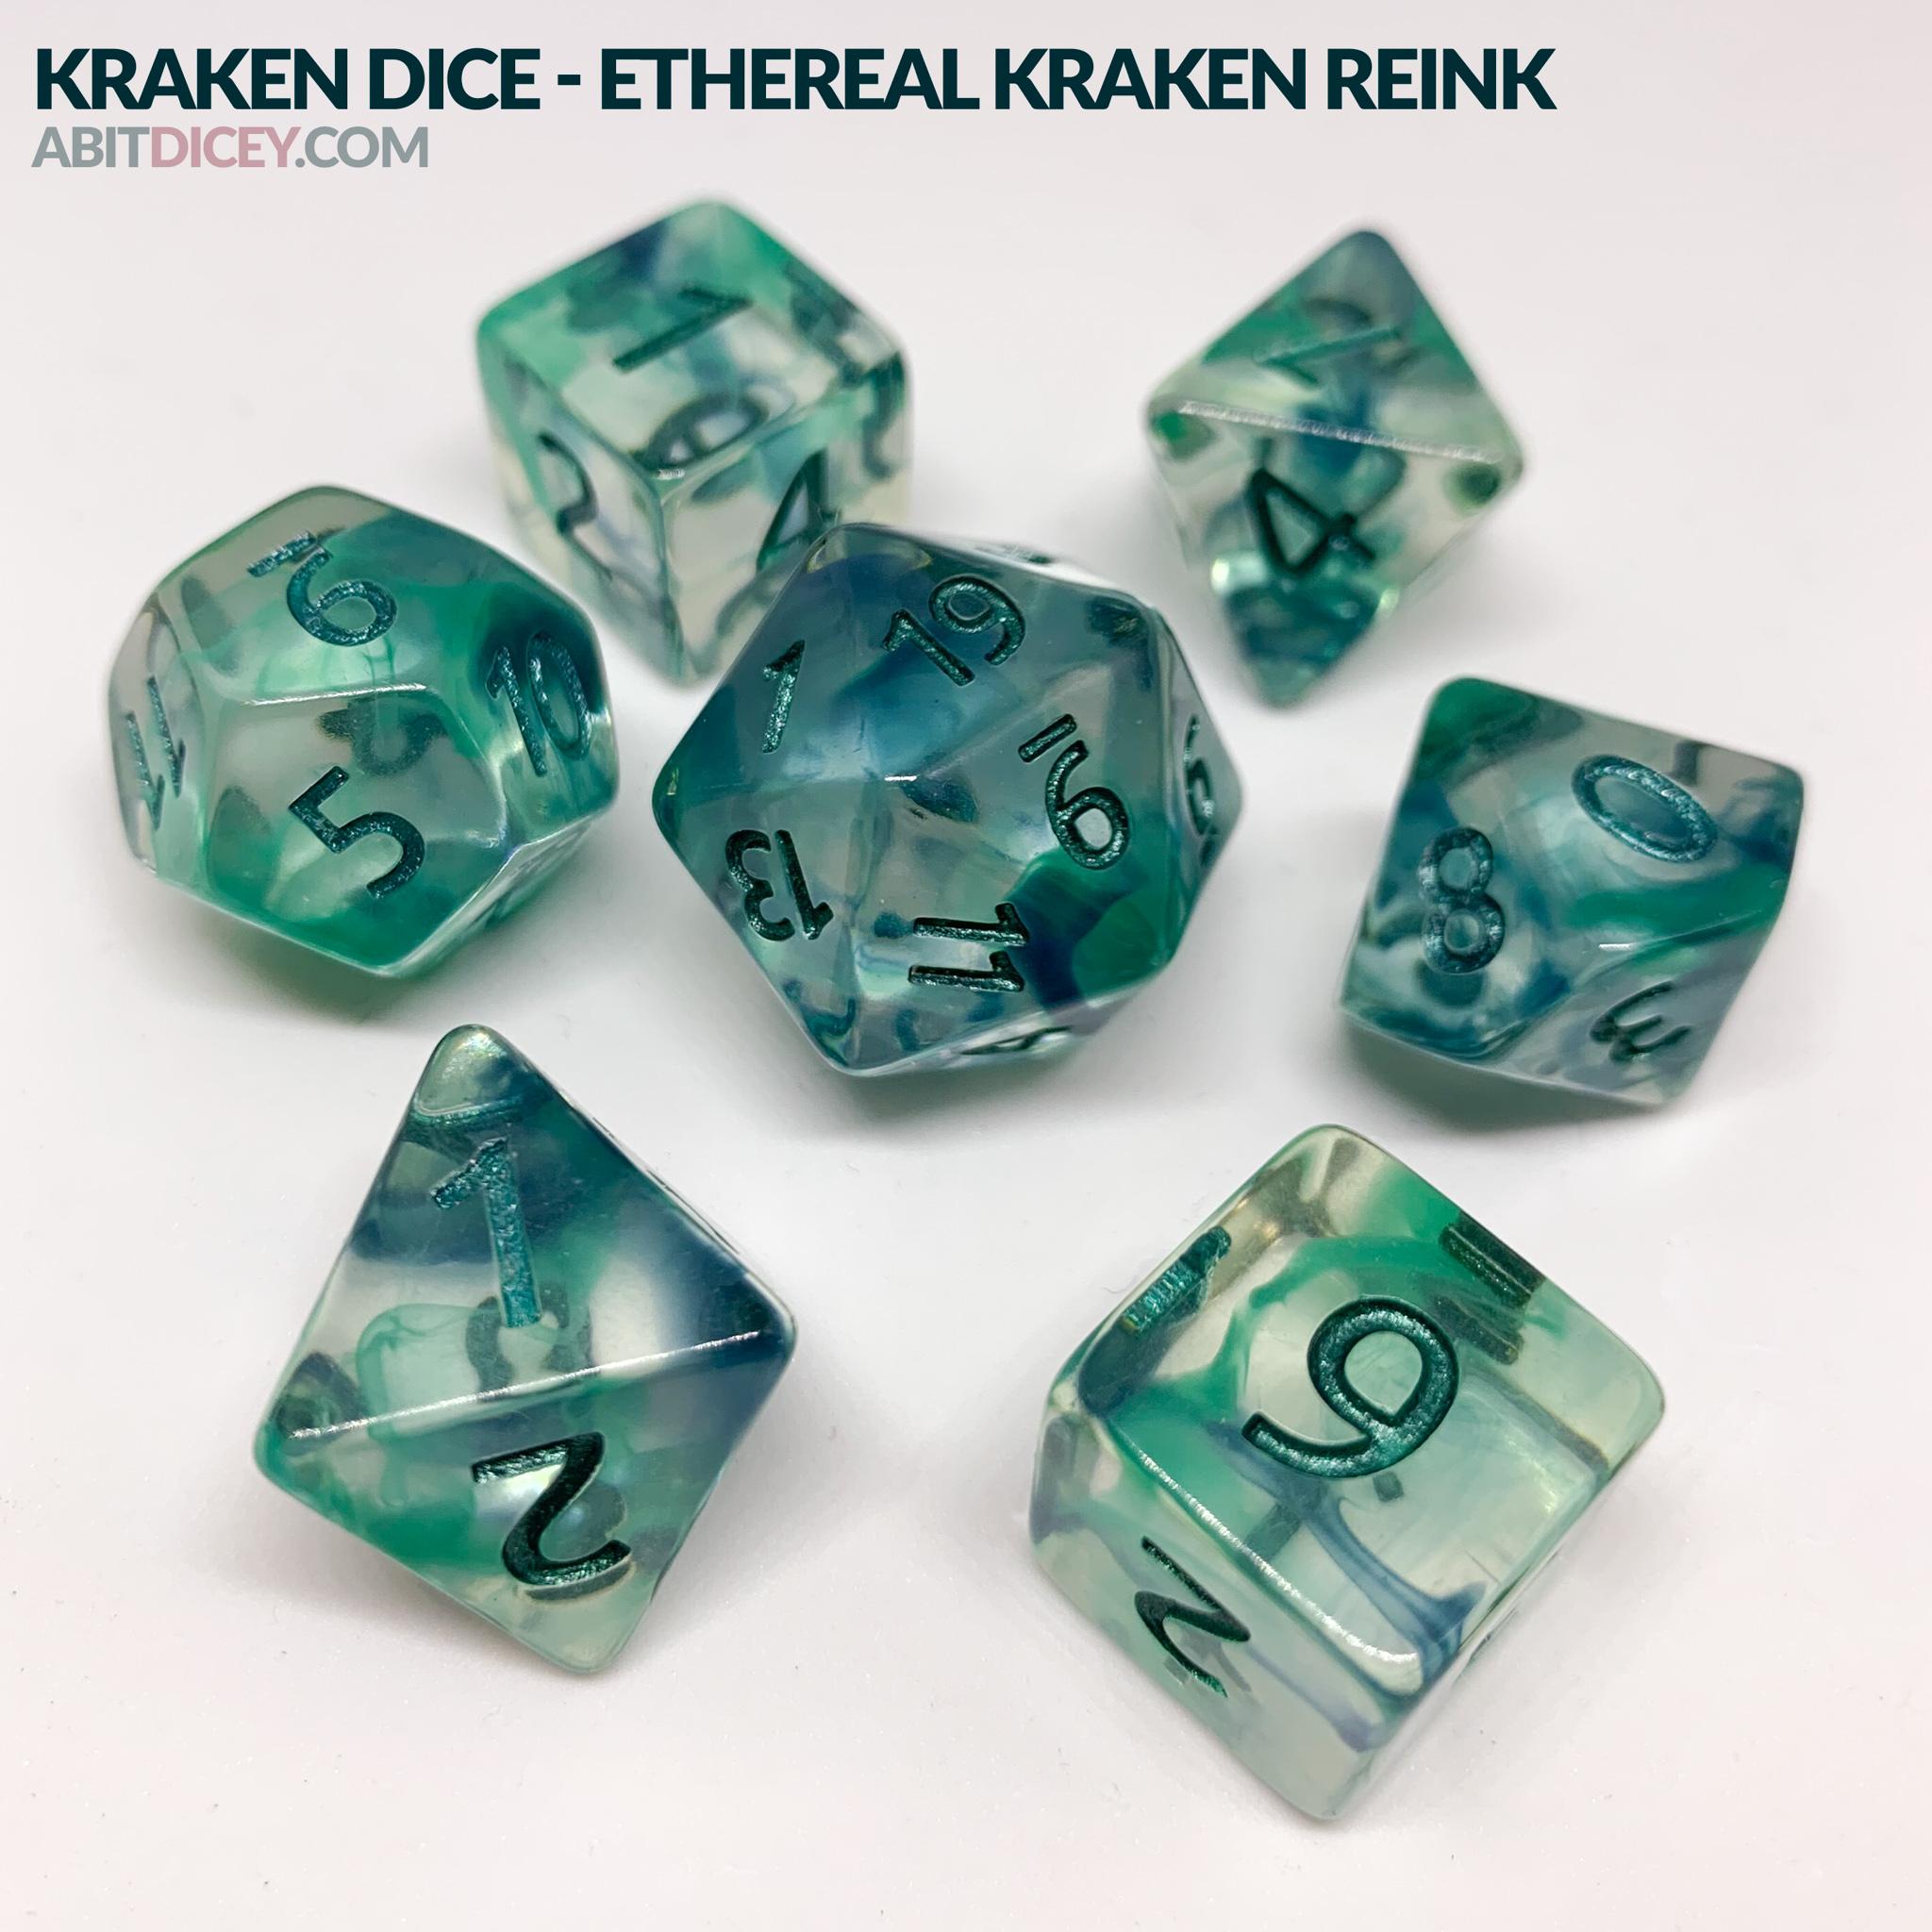 Kraken Dice - Ethereal Kraken Reink